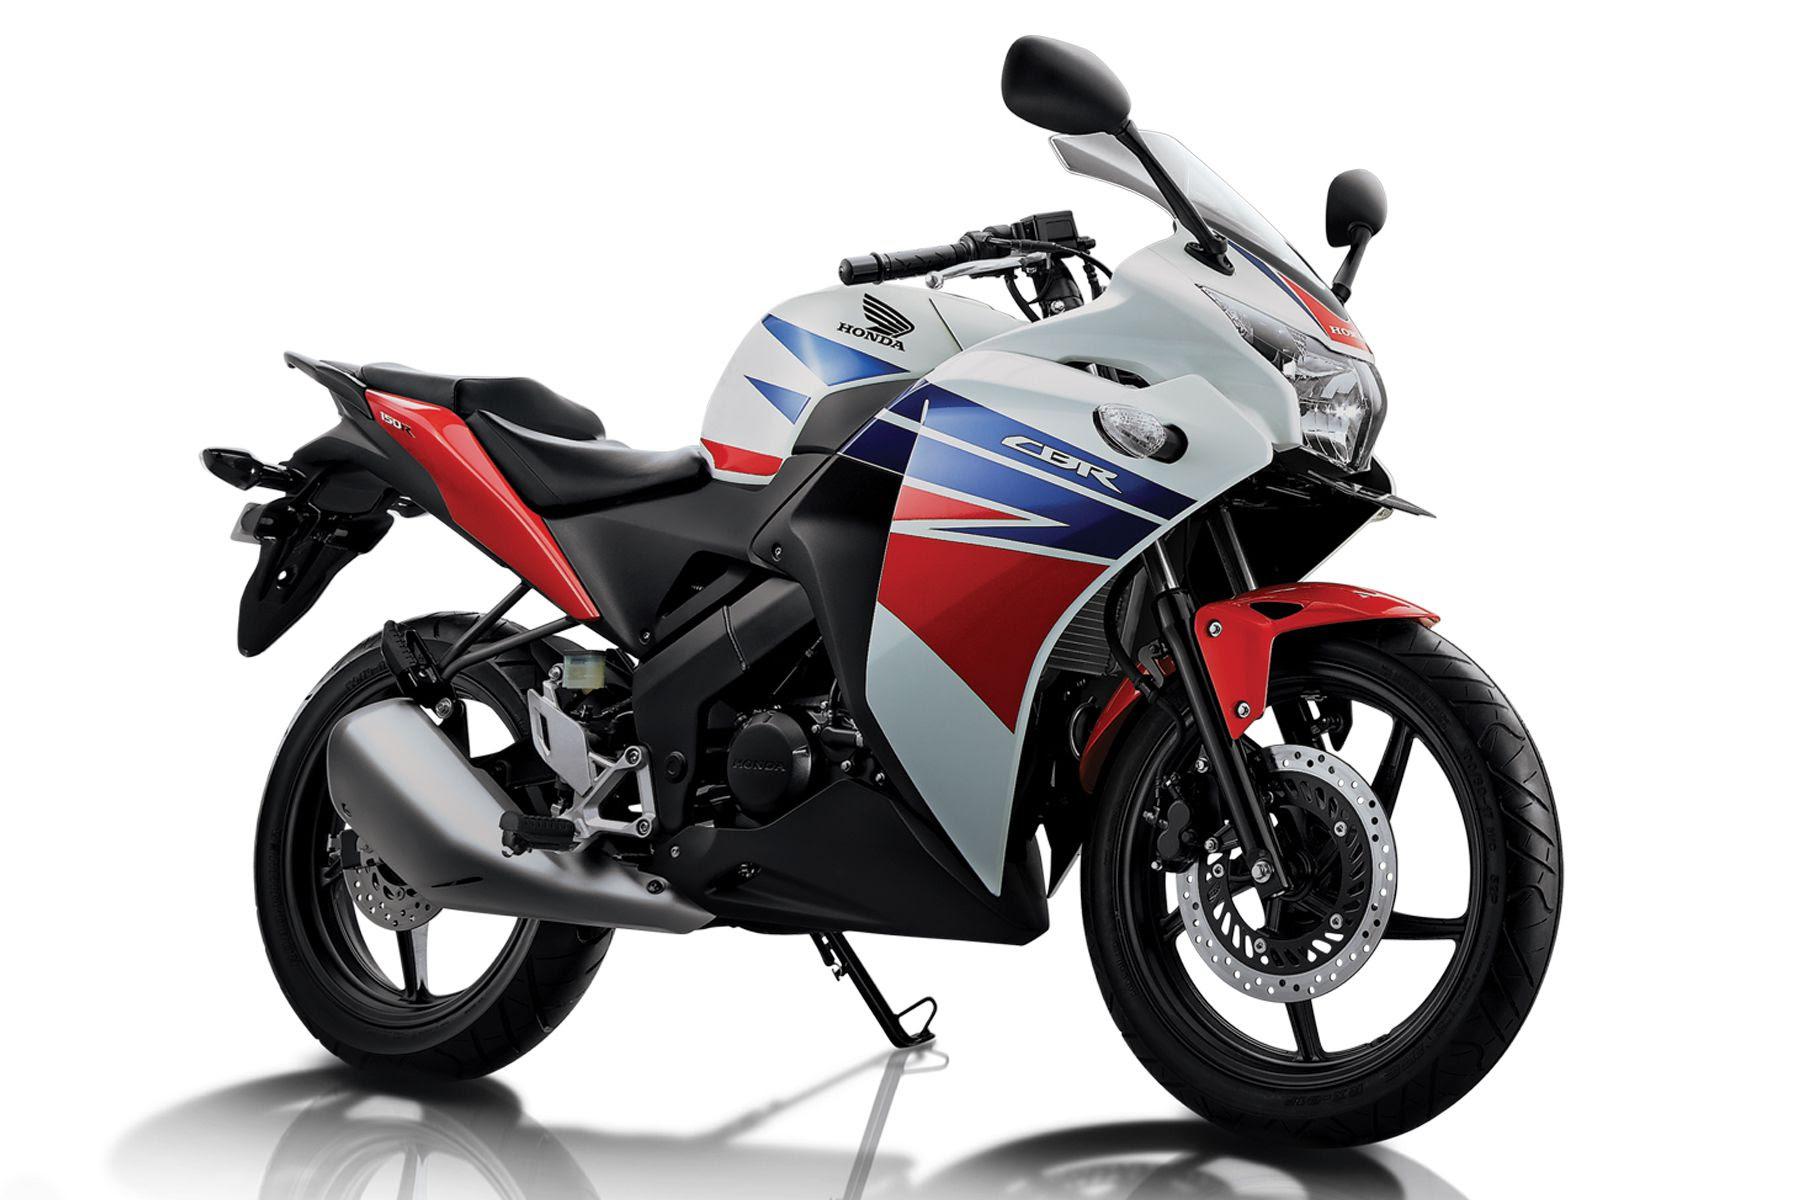 Puzzle Otomotif CBR150 CBU Thai Pakai Buntut CBR150 2016 Keren